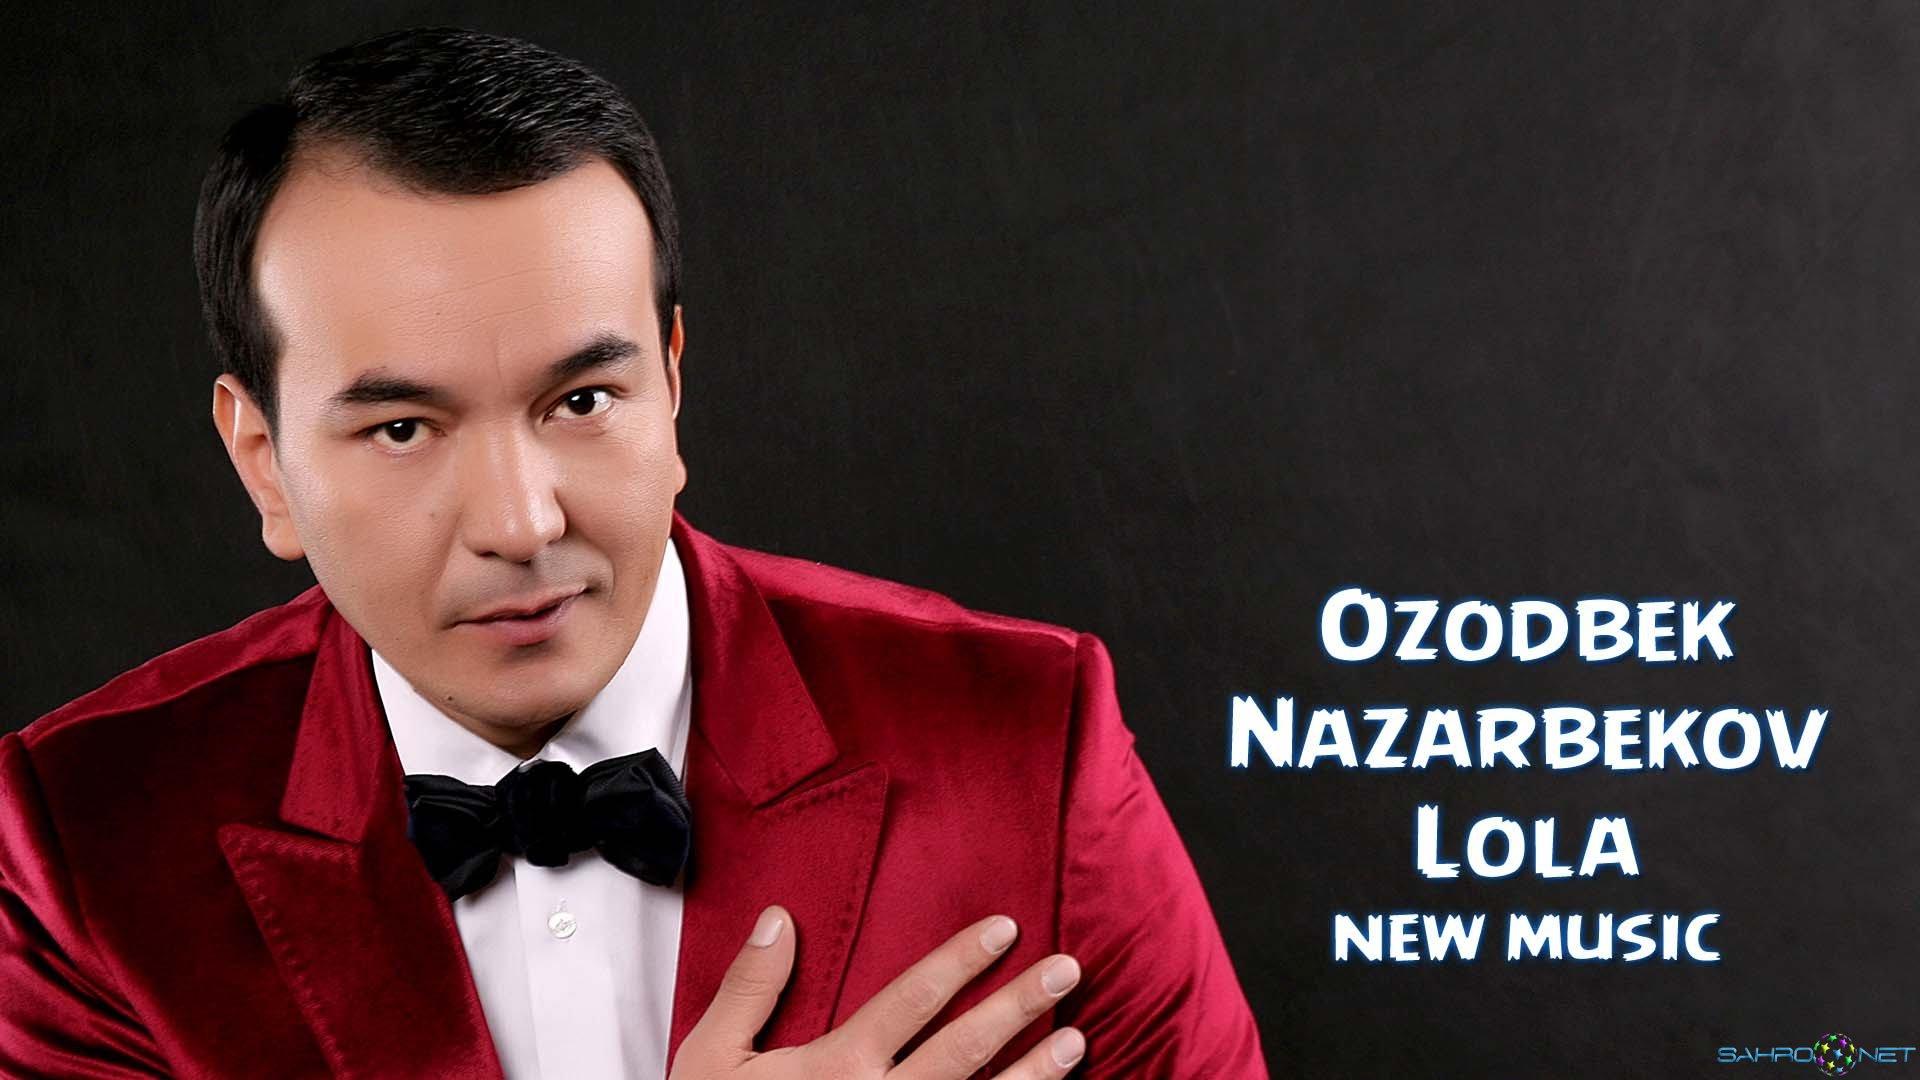 Ozodbek Nazarbekov 2015 Yangi MP3 Lola